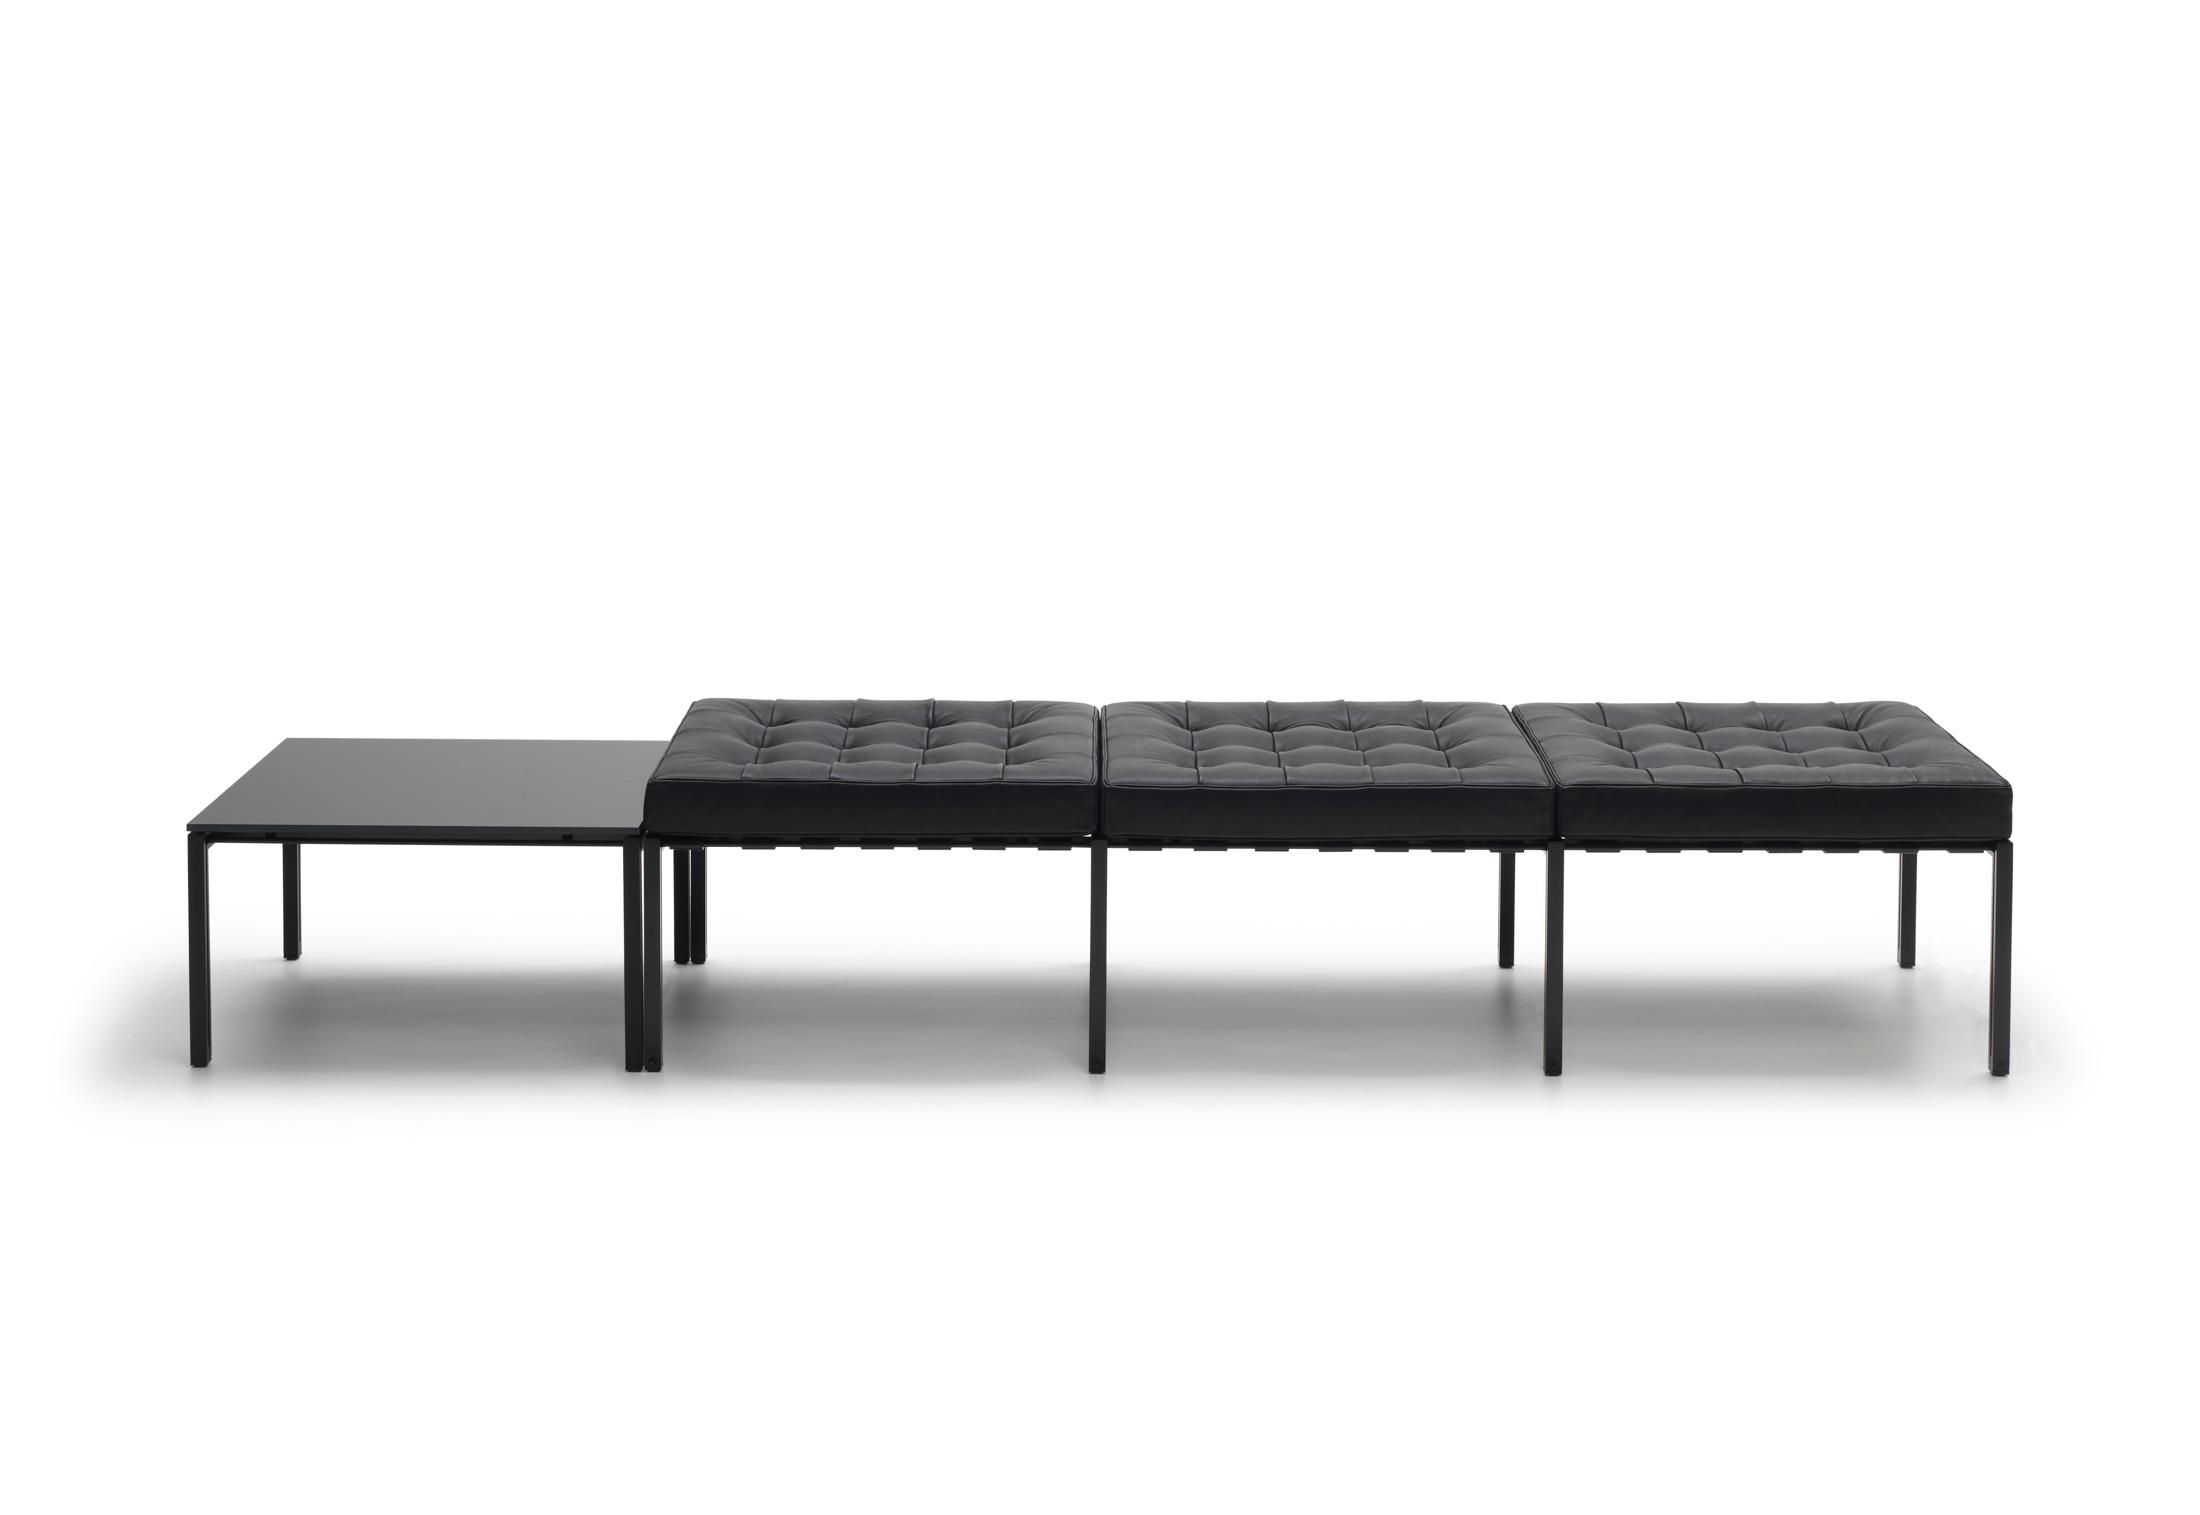 Azure De Sede KT-221 seating